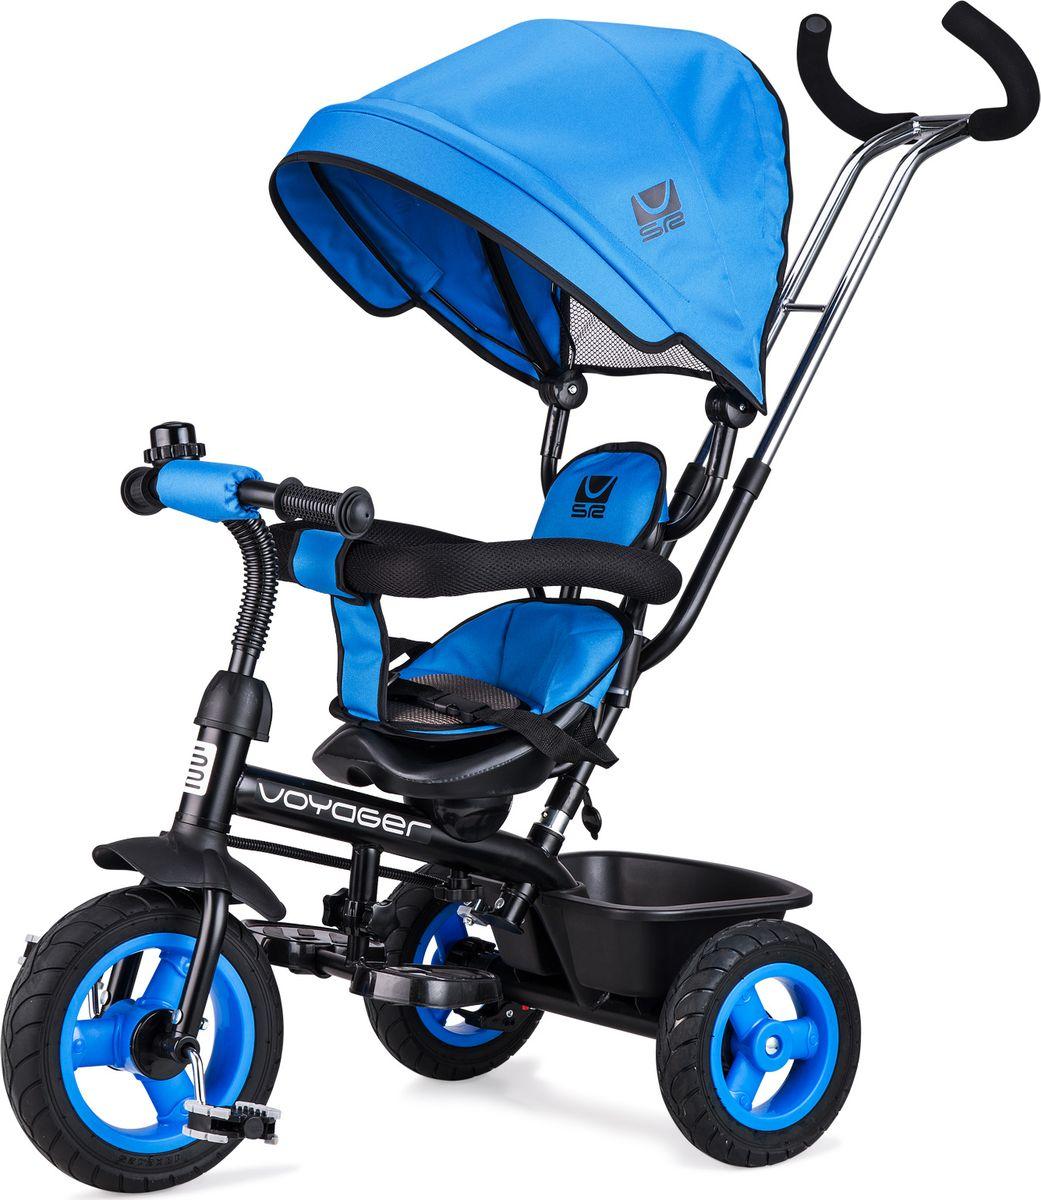 Small Rider Велосипед трехколесный Voyager цвет синий - Велосипеды-каталки